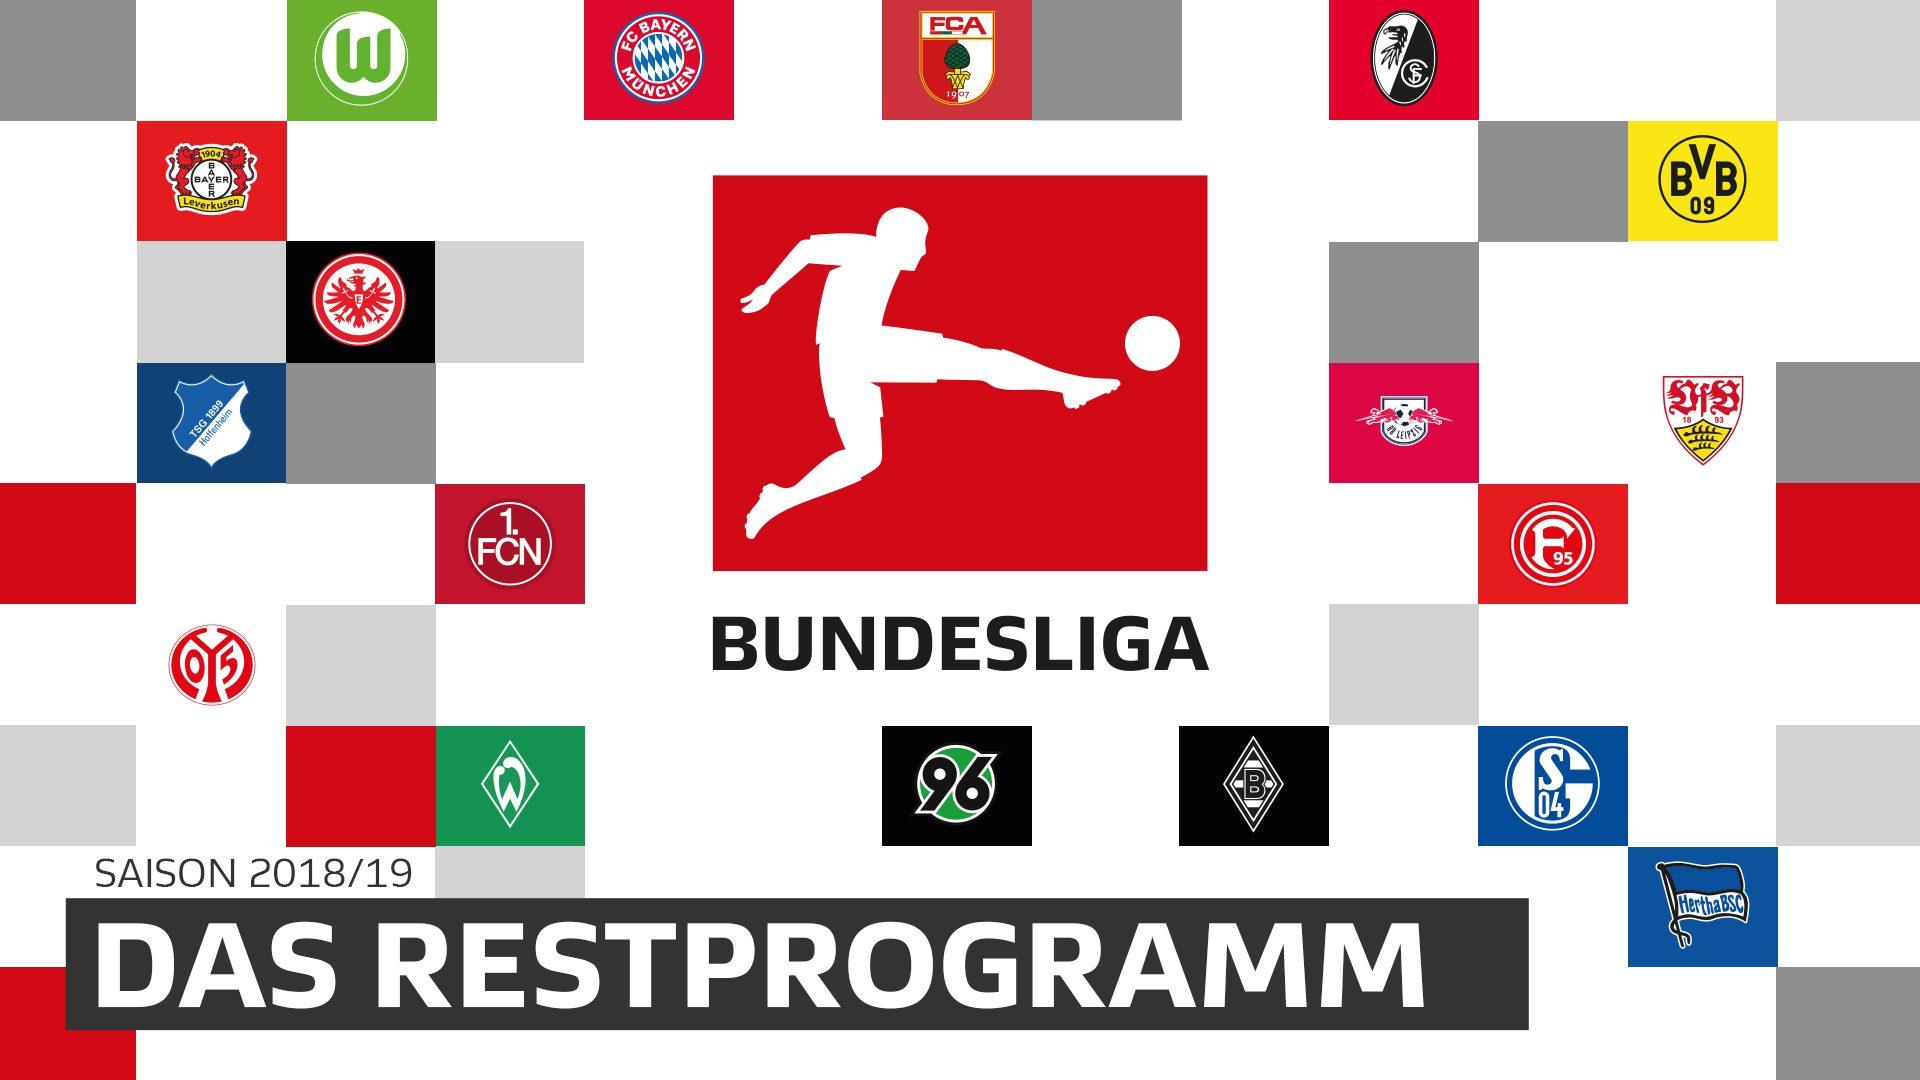 Saisonfinale: Das Restprogramm der Clubs